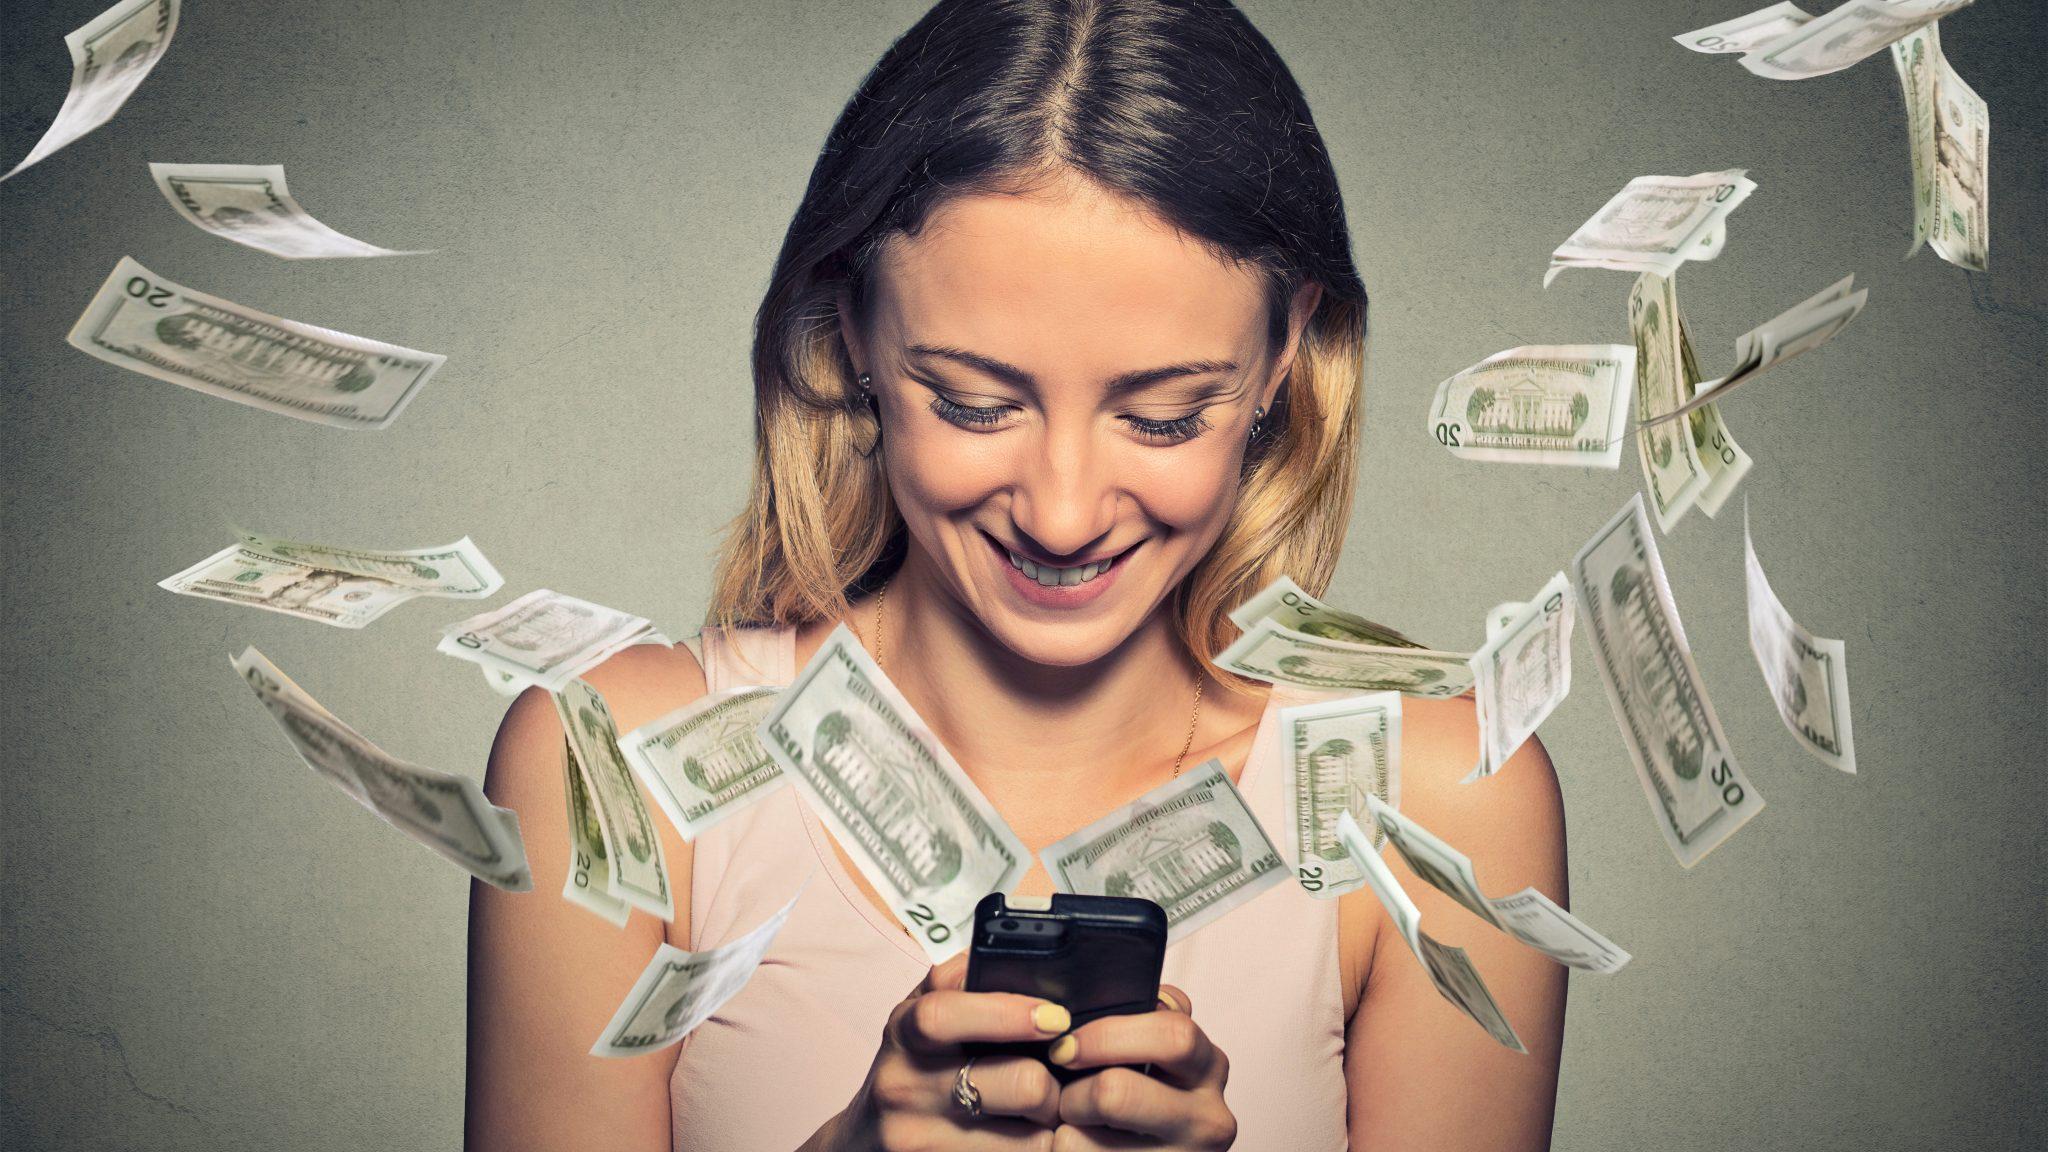 5 Ways to Make $1,000 By Next Week